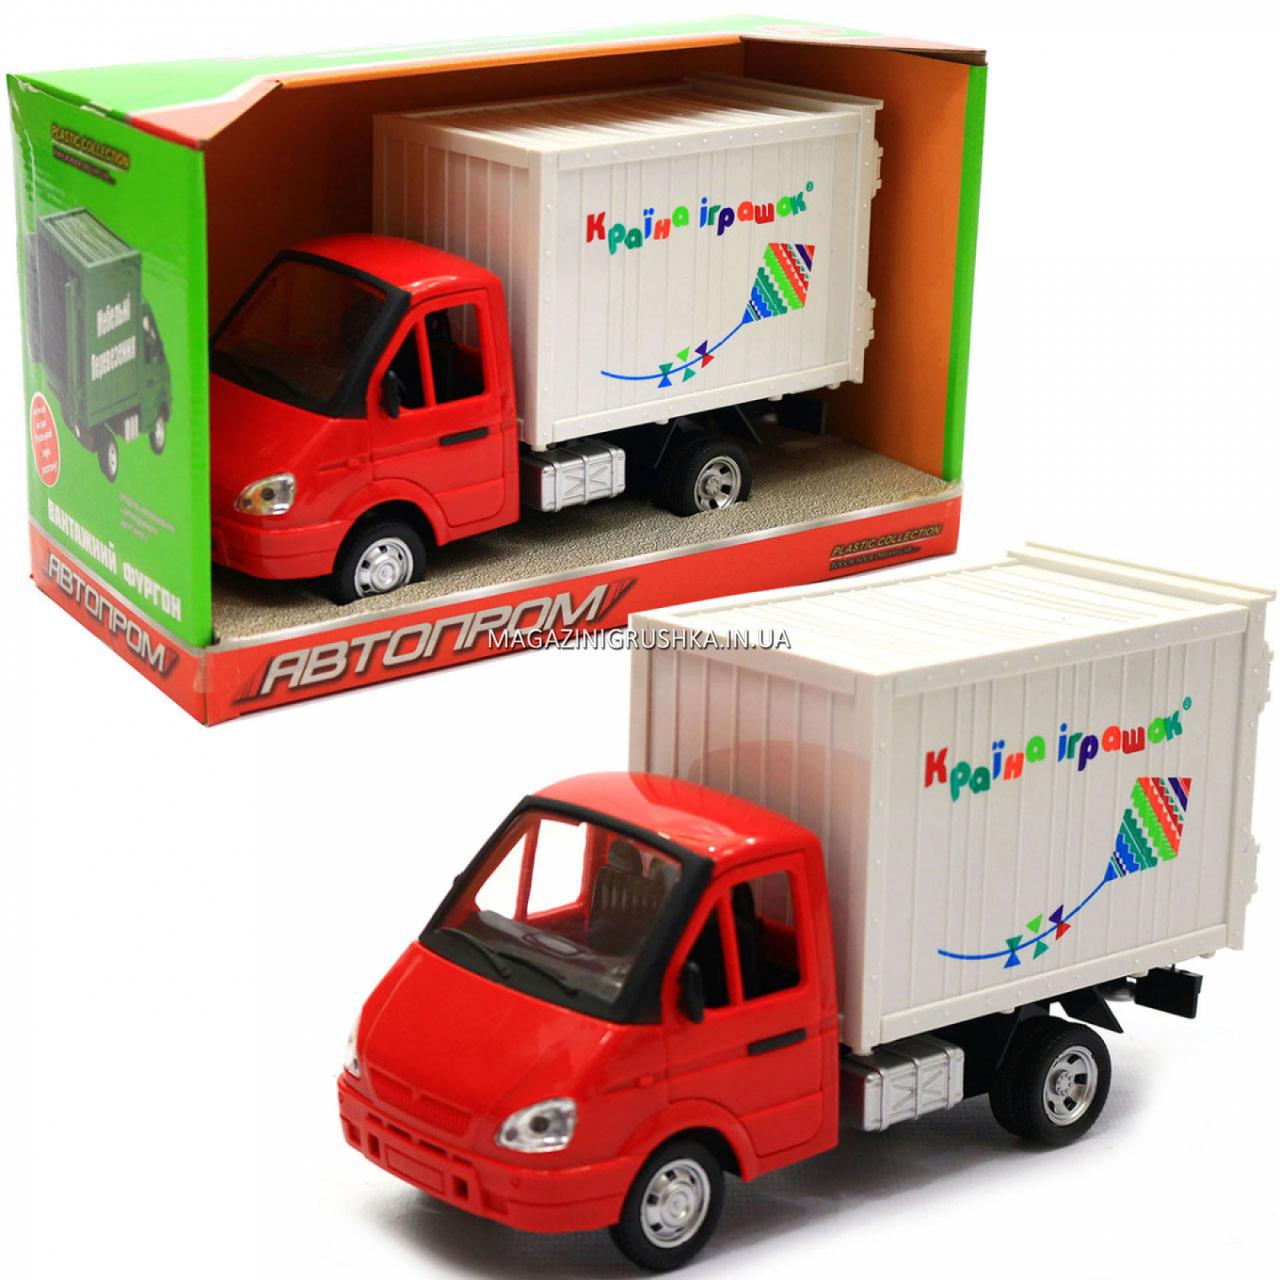 Іграшкова Машинка автопром «Вантажівка. Країна іграшок» (світло, звук, пластик), 20х7х11 см (7660-6)